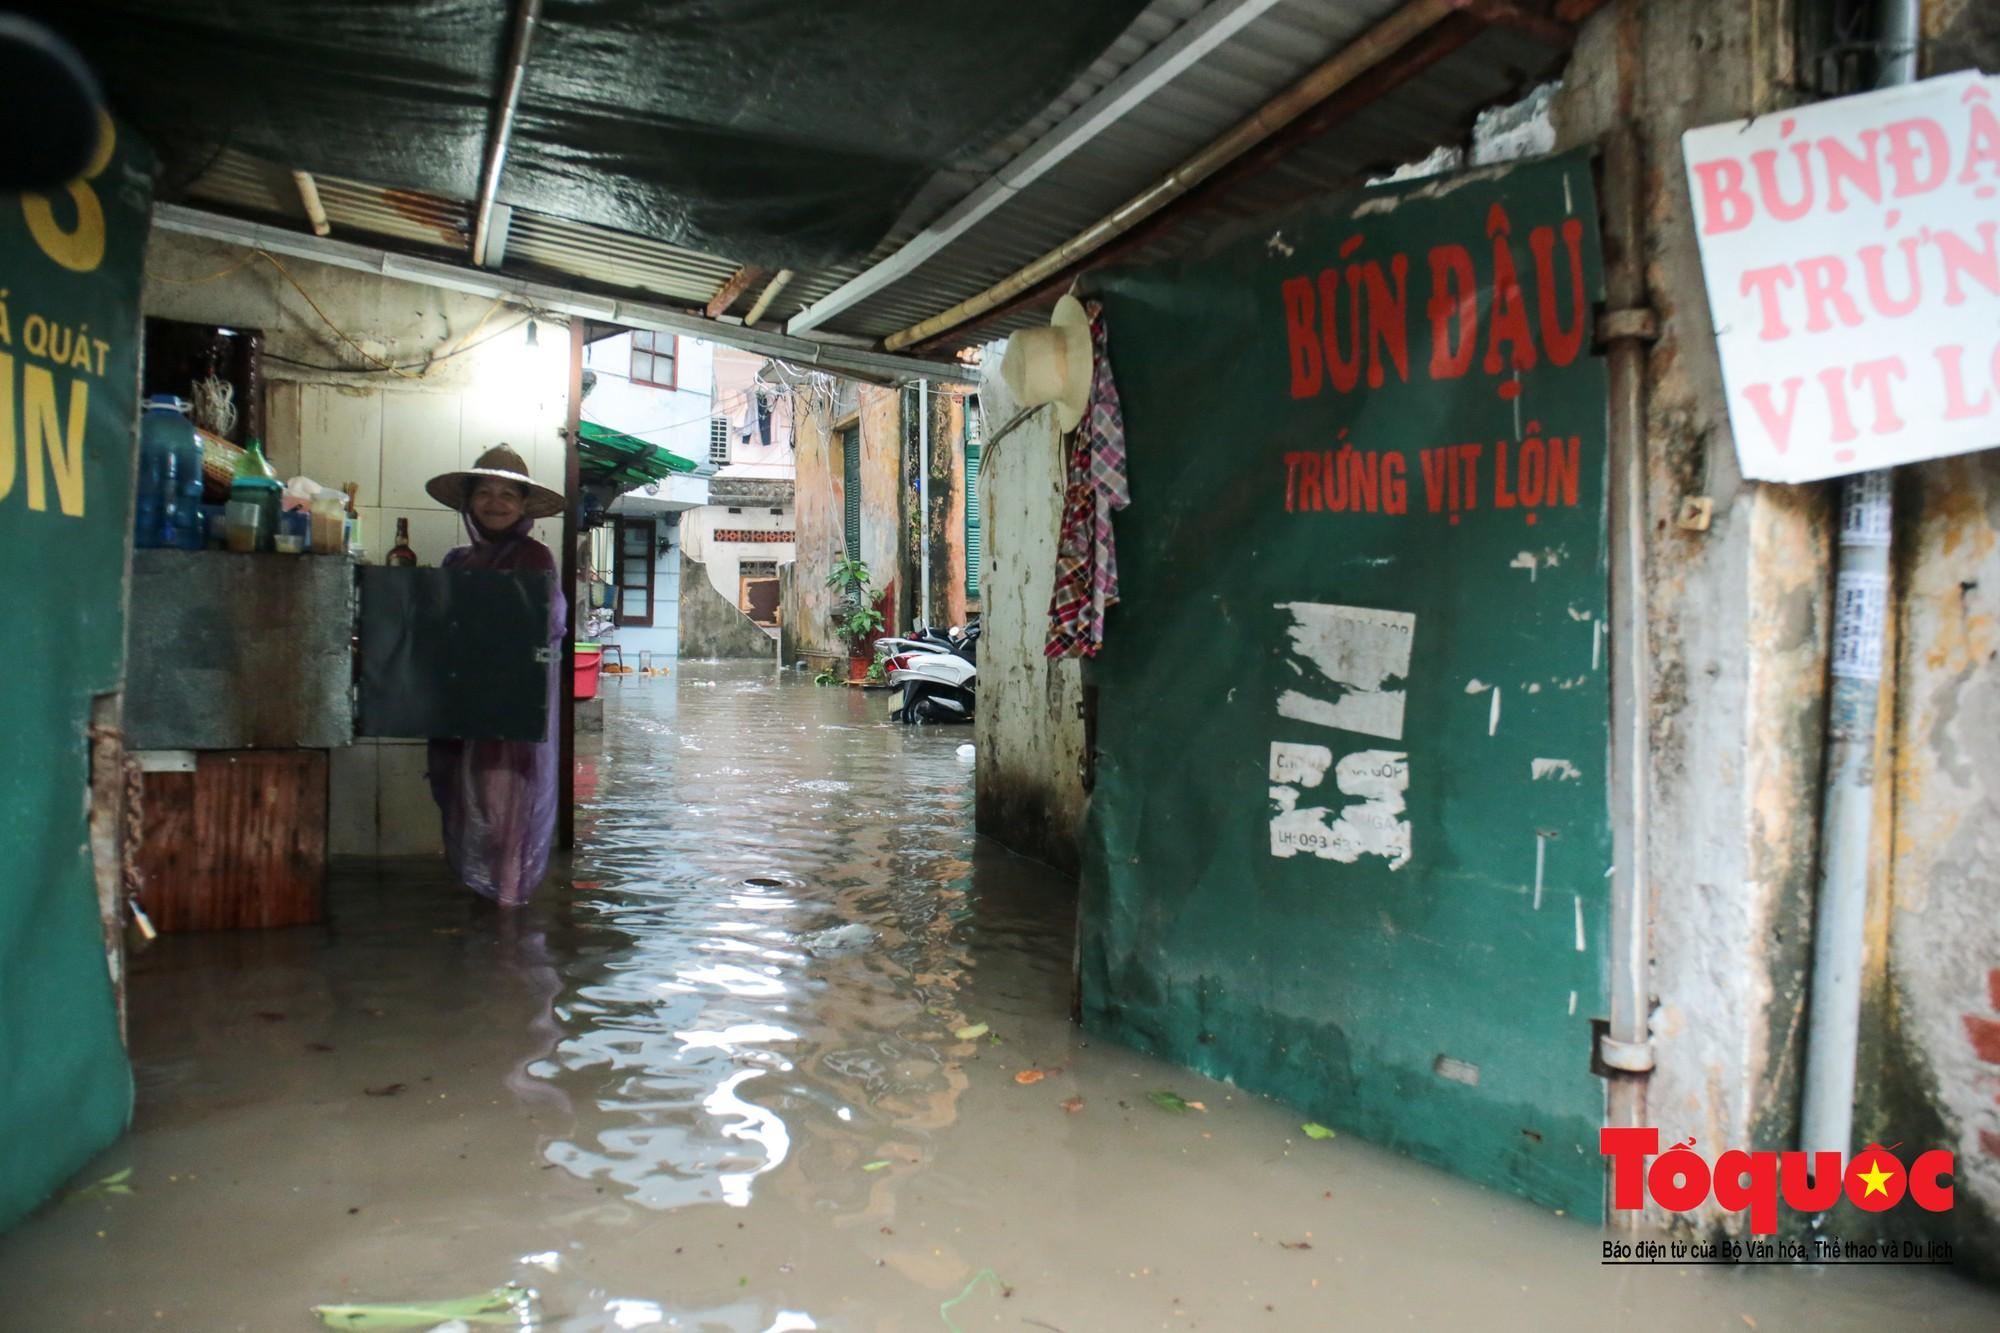 Hà Nội mưa lớn bất ngờ, nhiều tuyến đường lại ngập trong sâu biển nước31